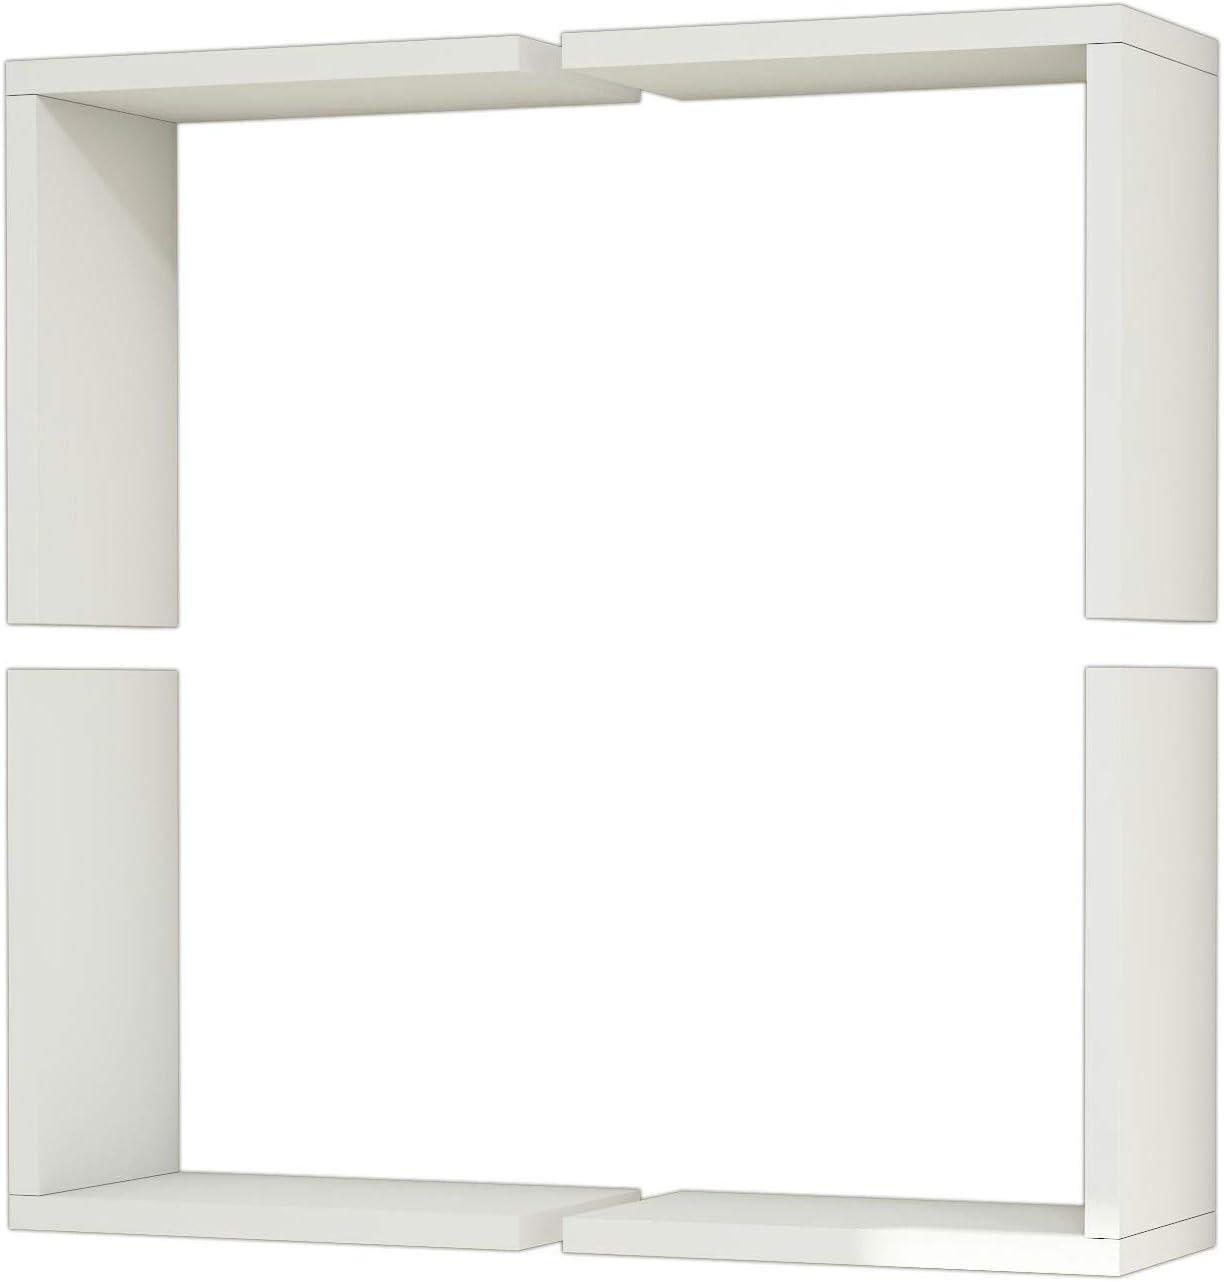 Bonamaison Wall Shelf White Furniture Room Living Alternative dealer OFFicial mail order for Bedroom